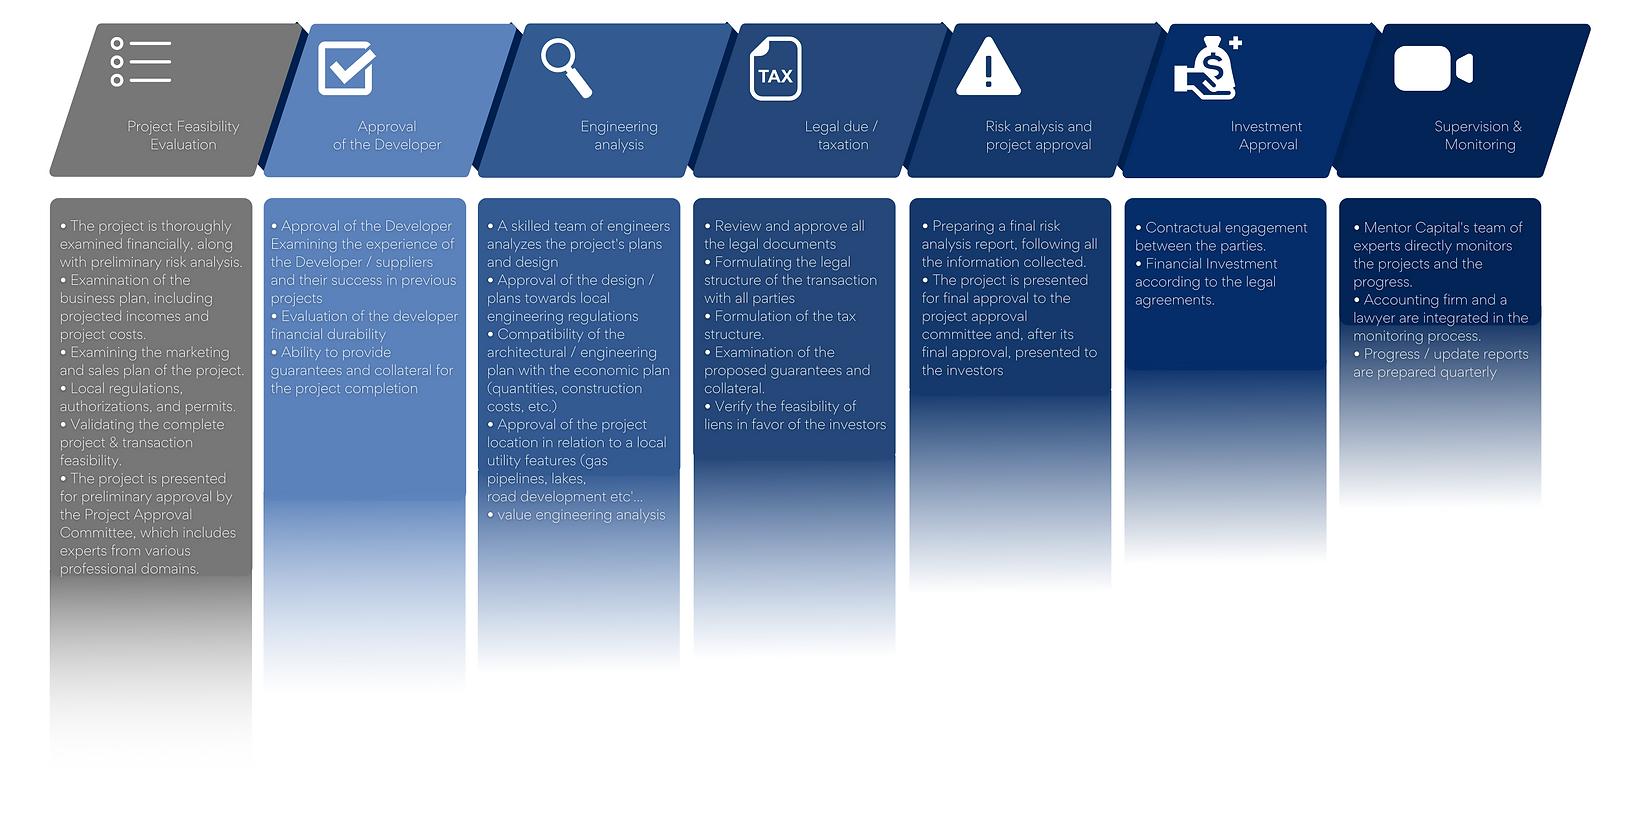 Copy of Timeline Presentation.png